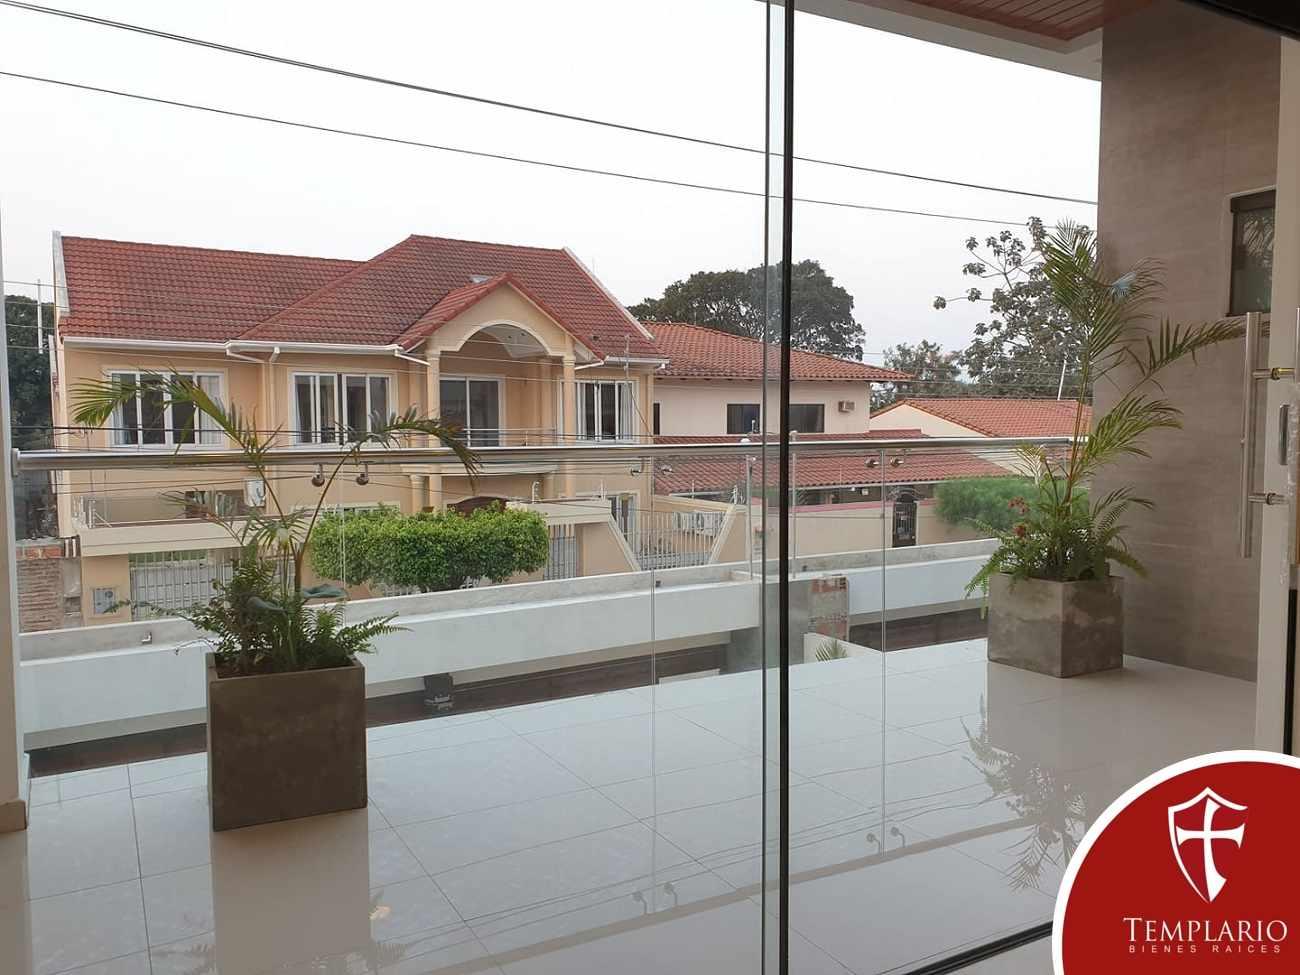 Casa en Venta Av. Santos Dumont 3er y 4to Anillo - Vecindario Residencial Foto 12